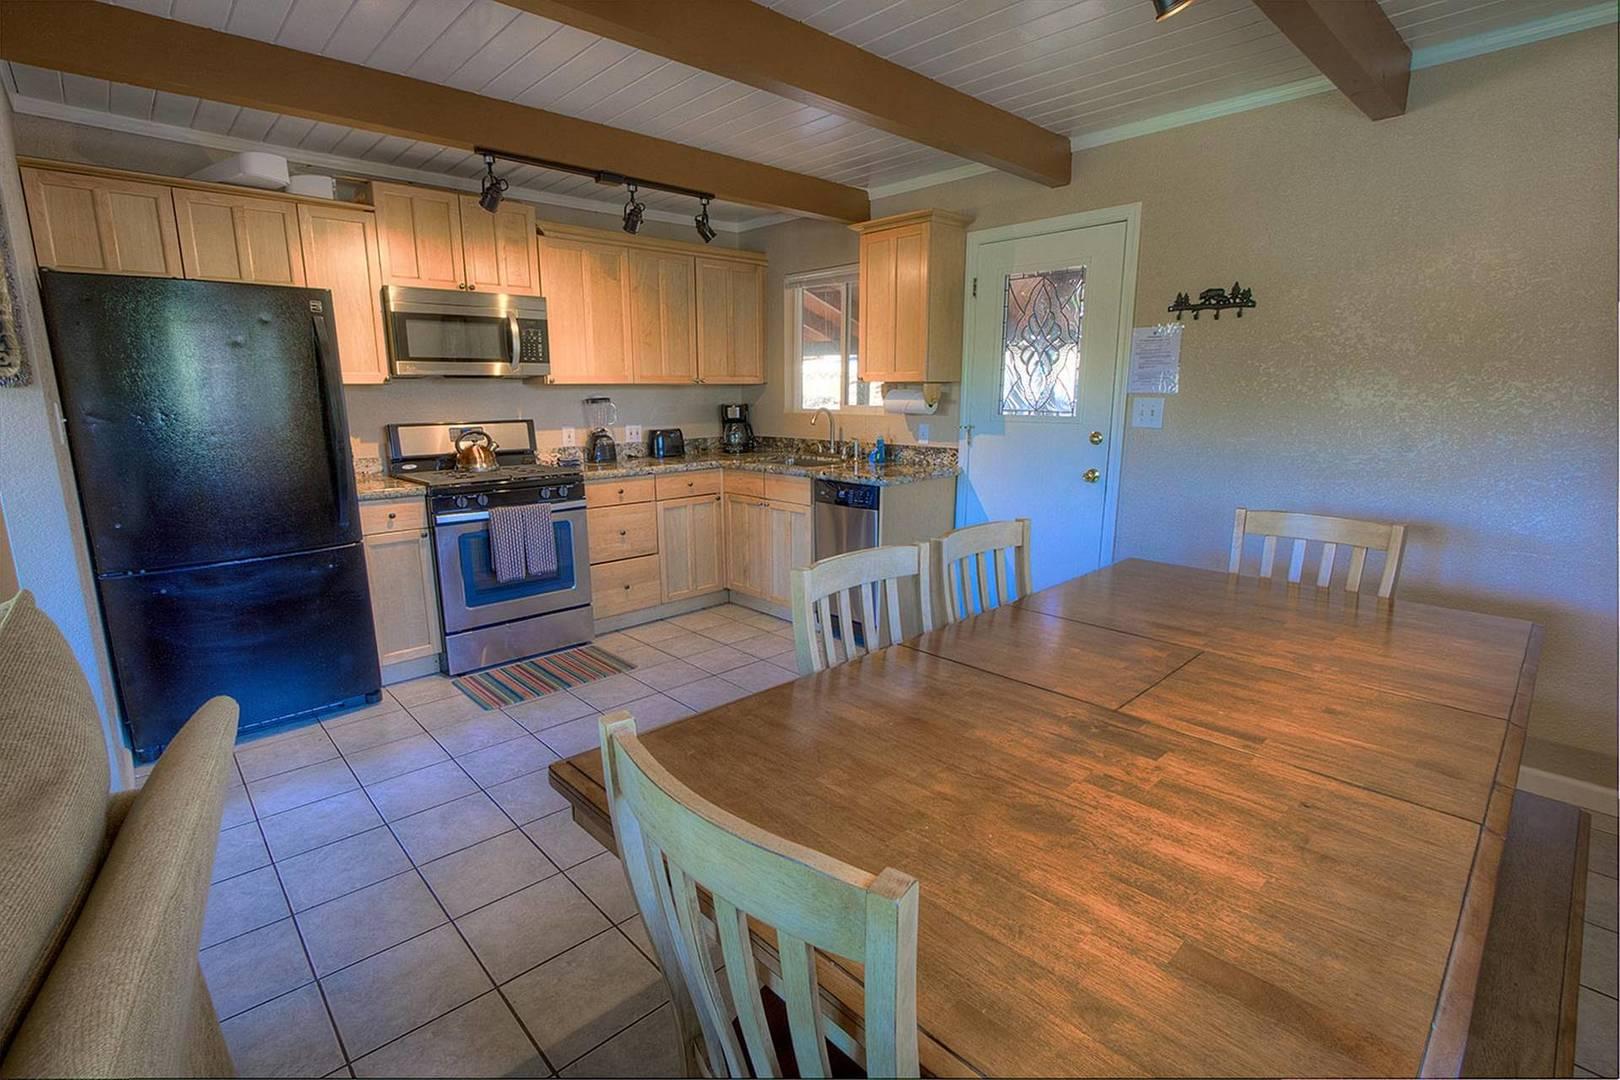 hch0900 kitchen